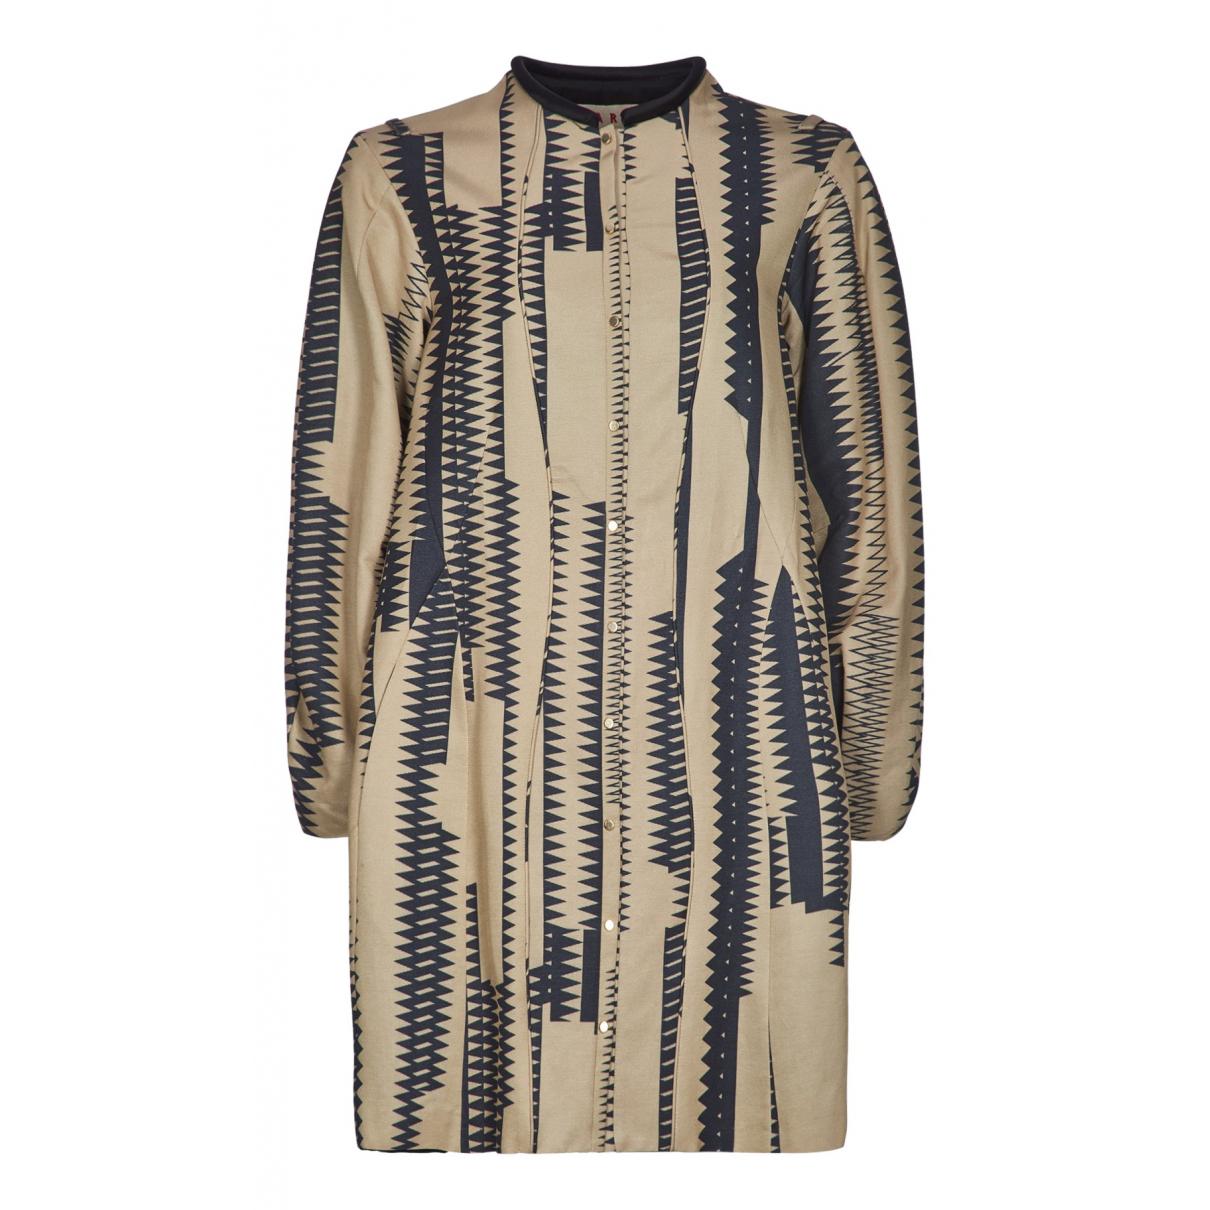 Marni N Beige jacket for Women 8 UK